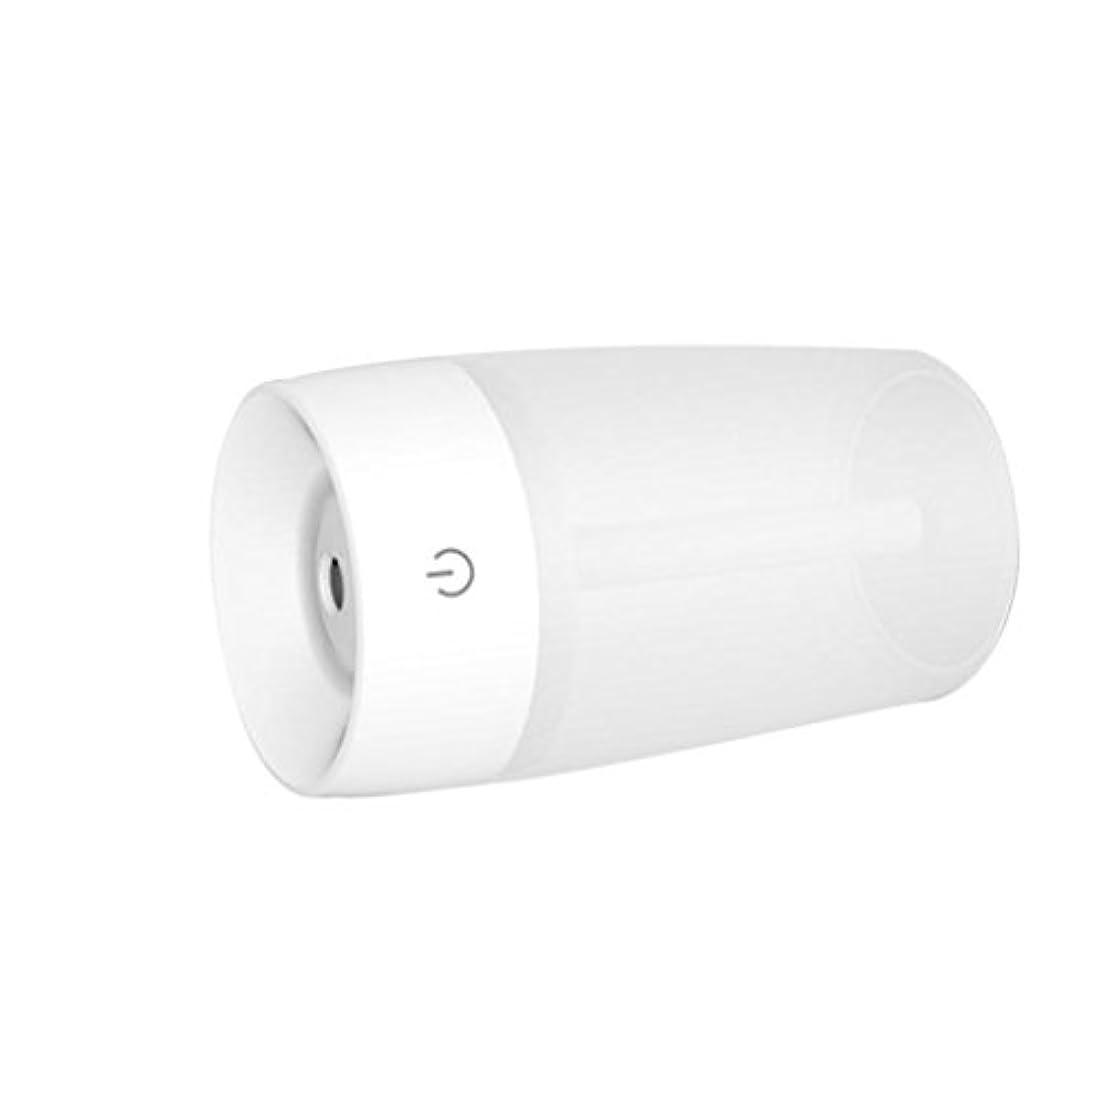 ソーダ水布提出する加湿器 USB カップ形状 ポータブル アロマディフューザー 空気 アトマイザー 全3色 - 白い